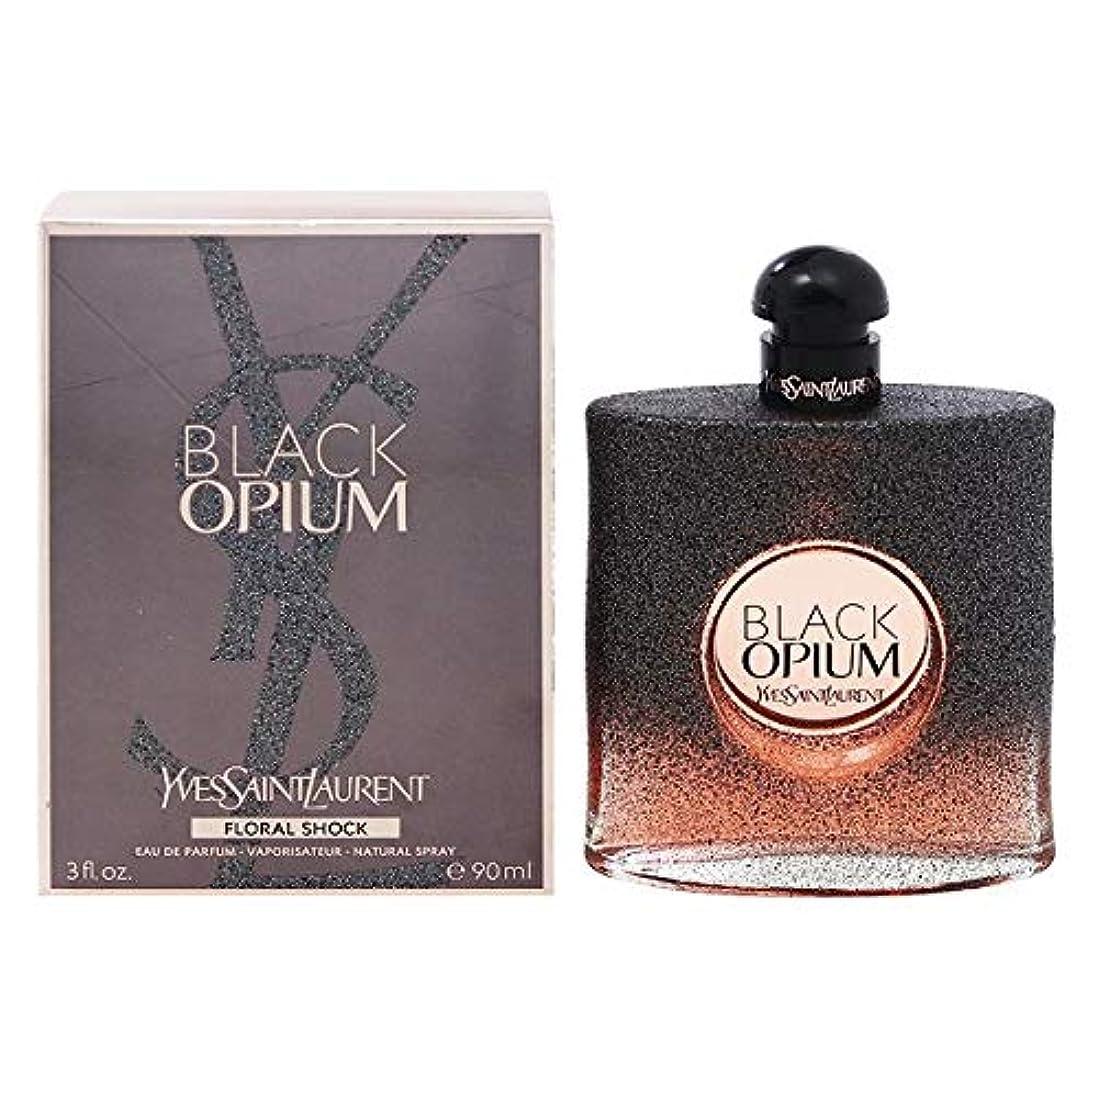 ダニ猛烈な同時ブラック オピウム フローラル ショック オーデパルファム?スプレータイプ 90ml 【イヴサンローラン】 [並行輸入品]